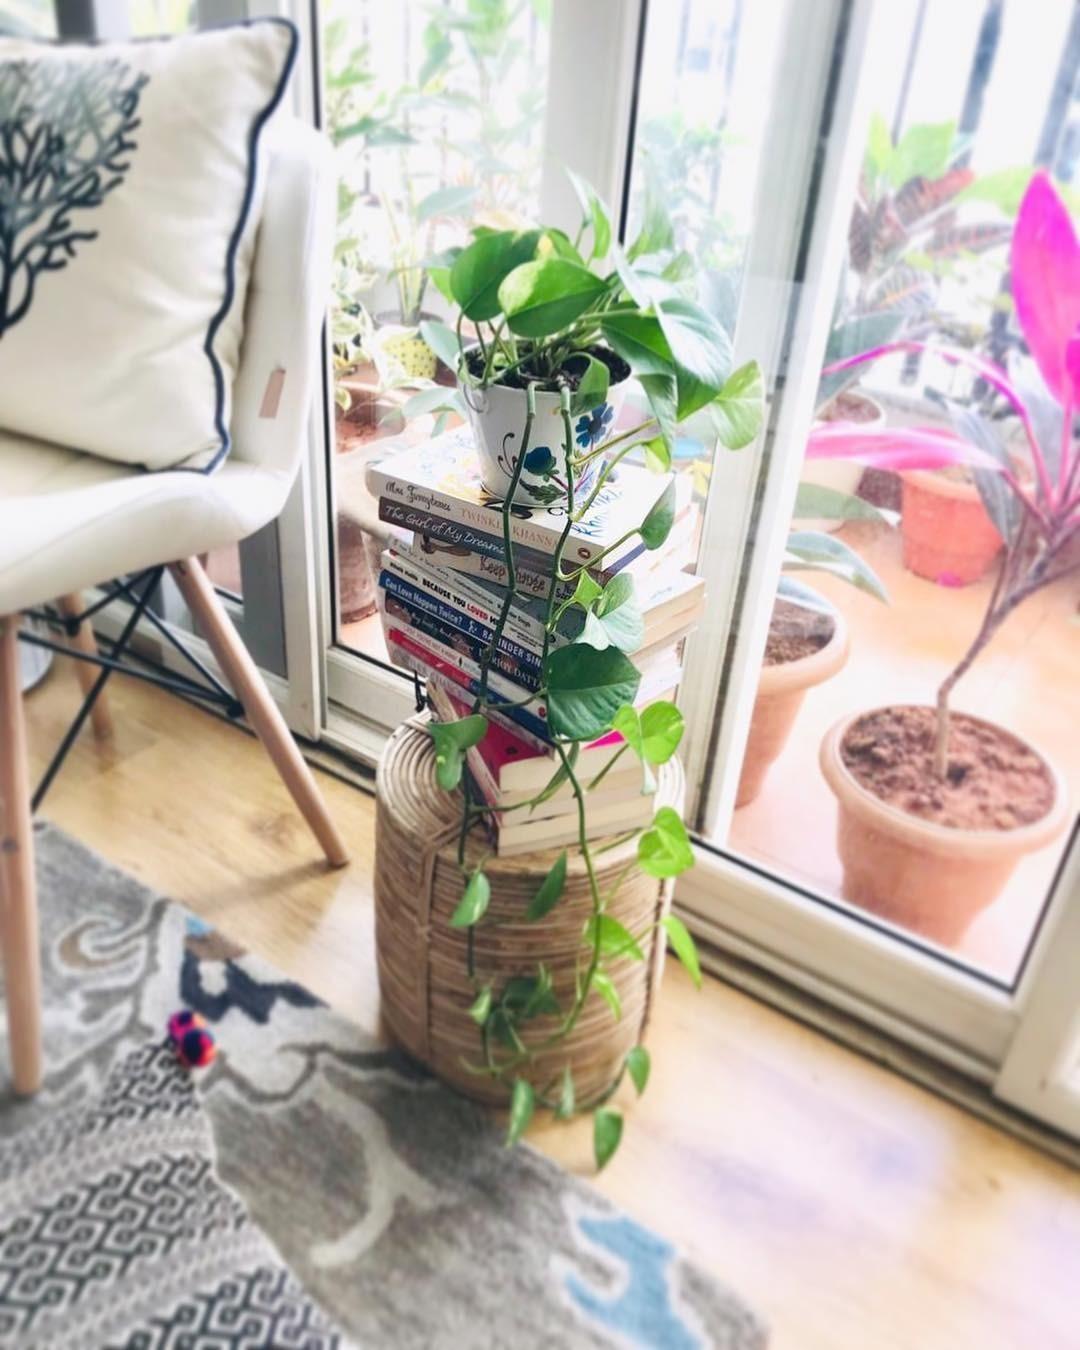 9 примеров, как можно украсить интерьер с помощью…стопки книг